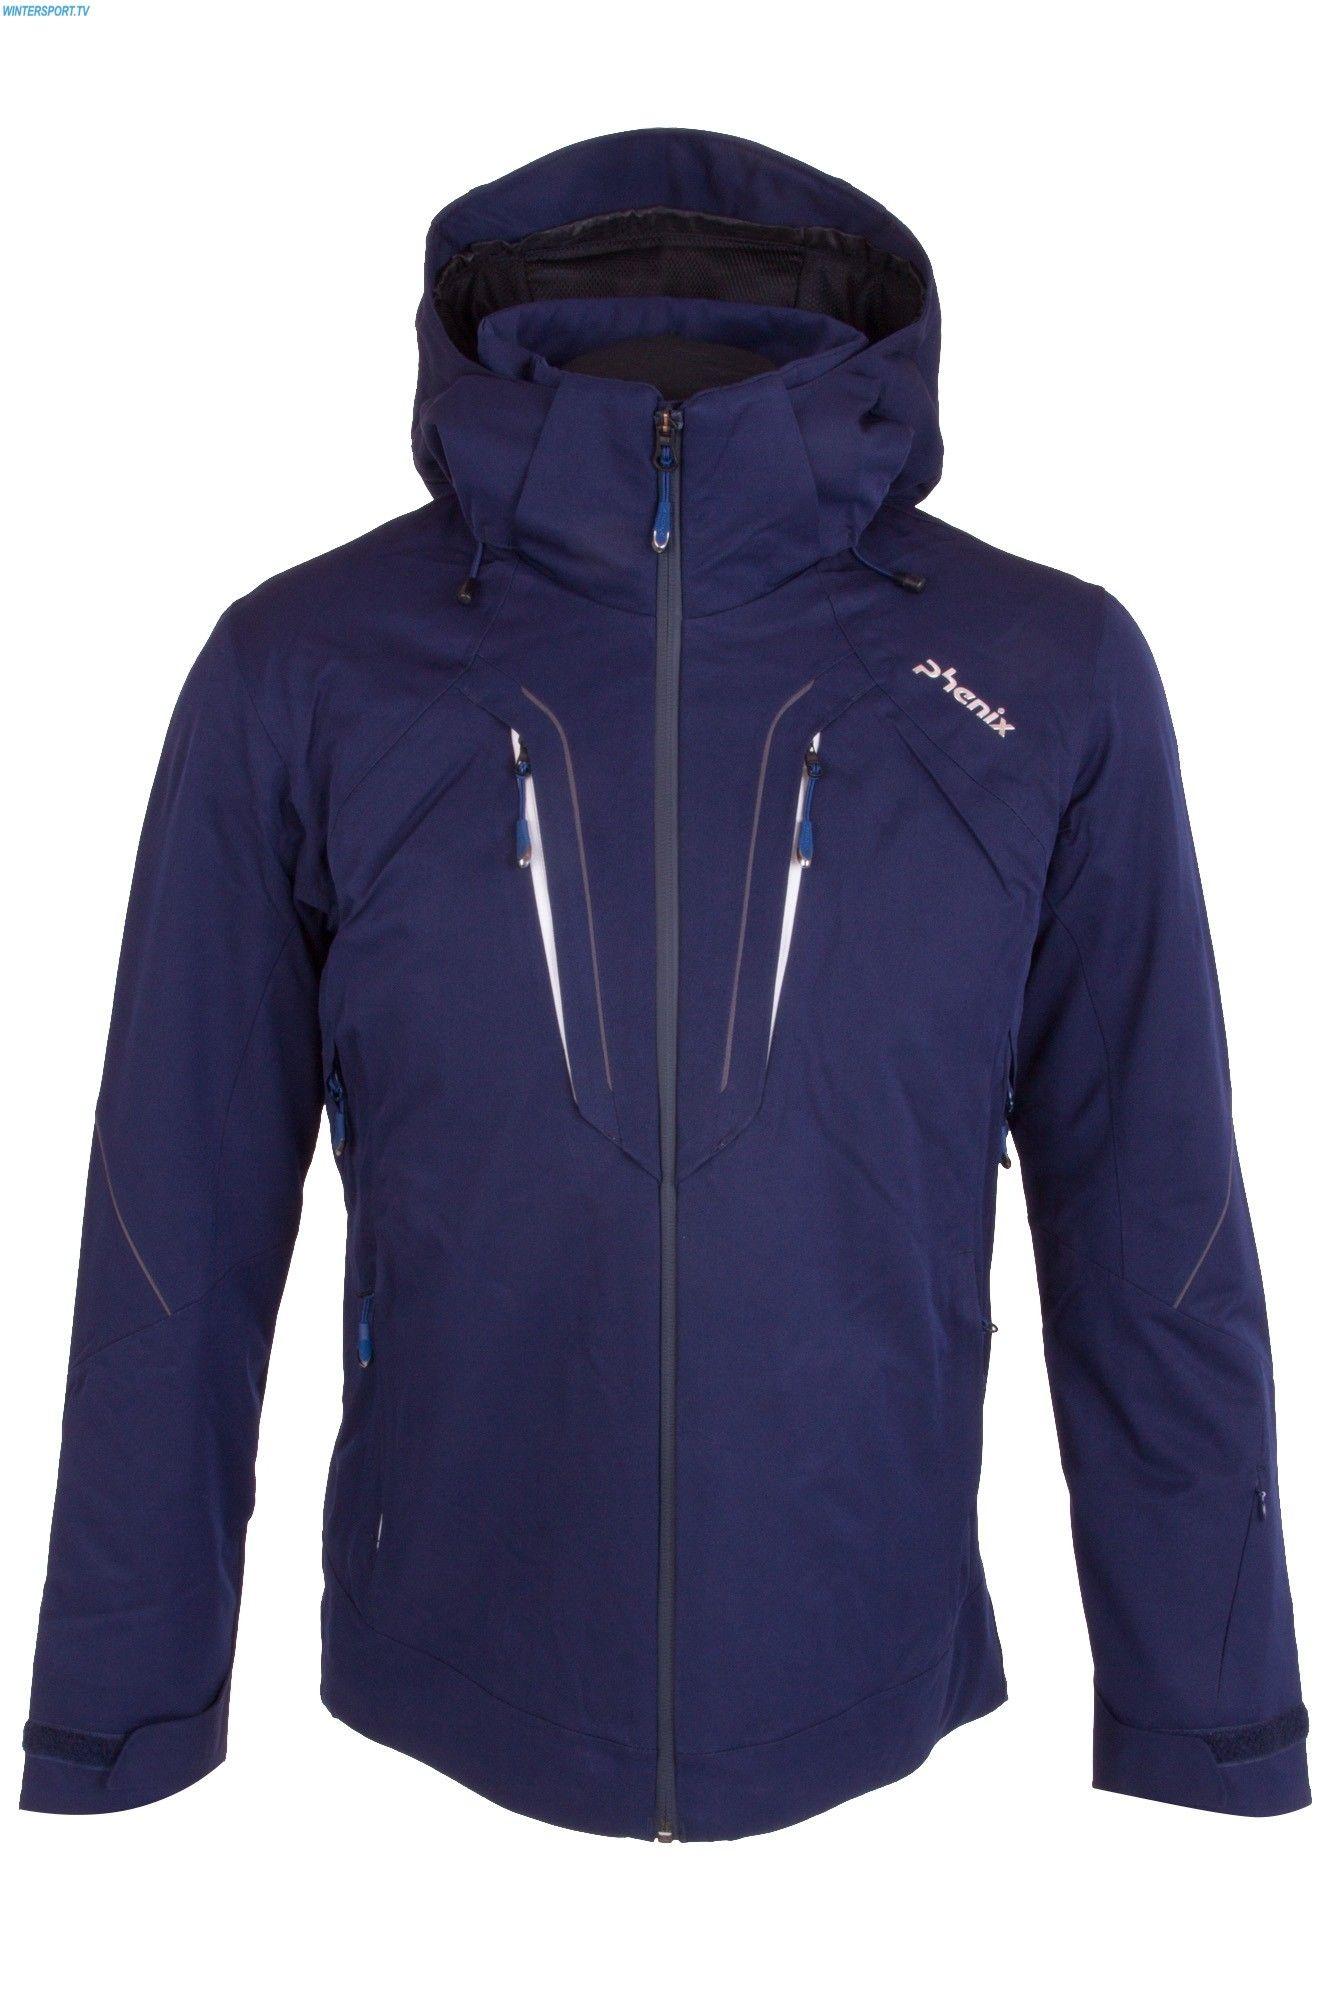 new styles 26023 de1c5 Phenix Men Twin Peaks Jacket - Navy   Phenix Ski Wear